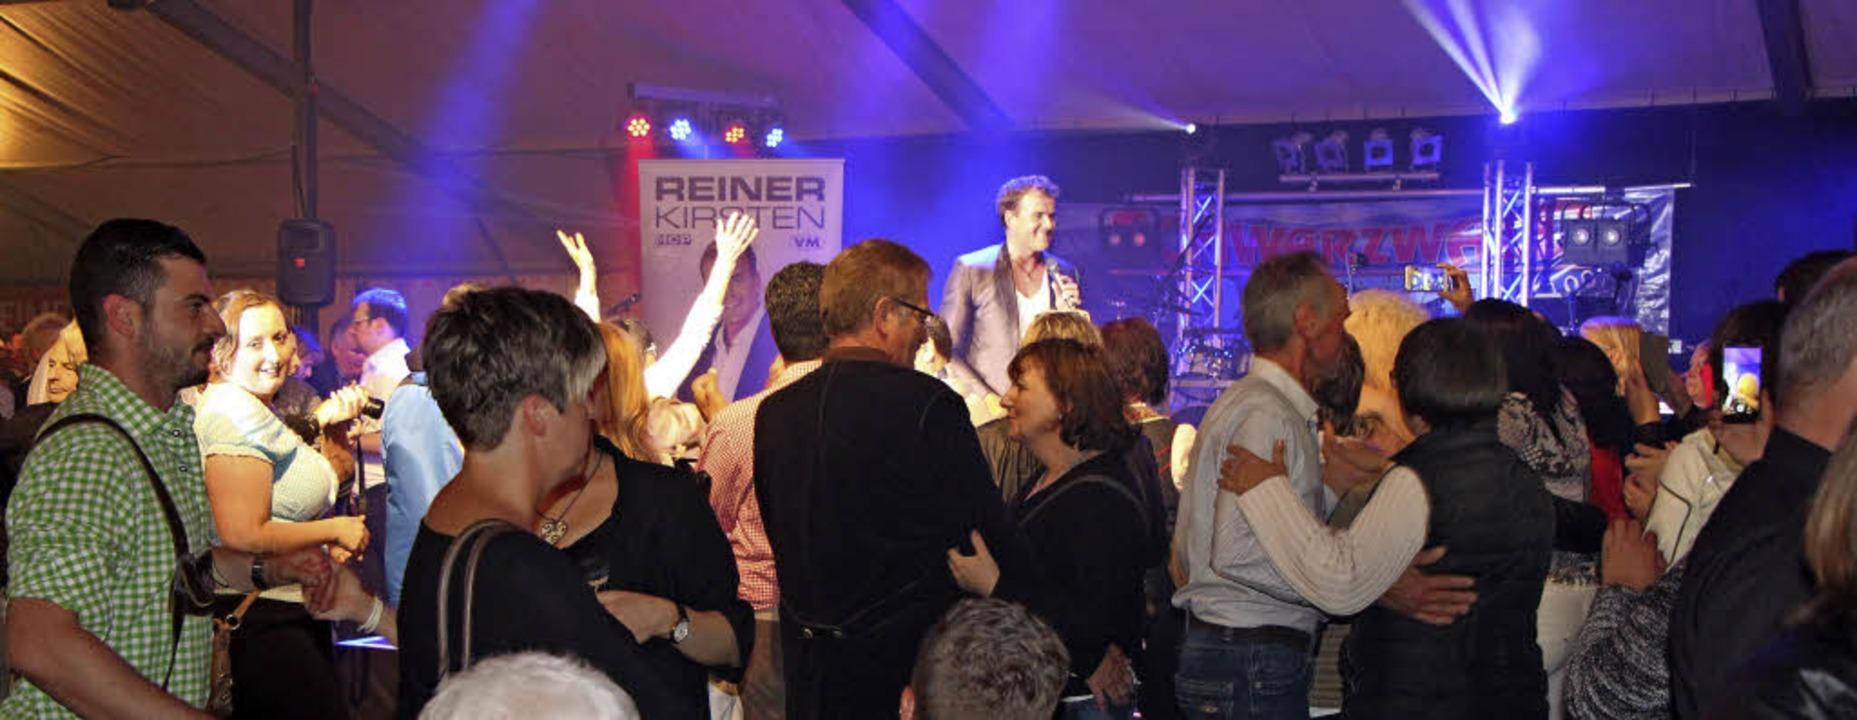 Großer Andrang herrschte beim Riegeler...elt beim Auftritt von Reiner Kirsten.   | Foto: Helmut Hassler